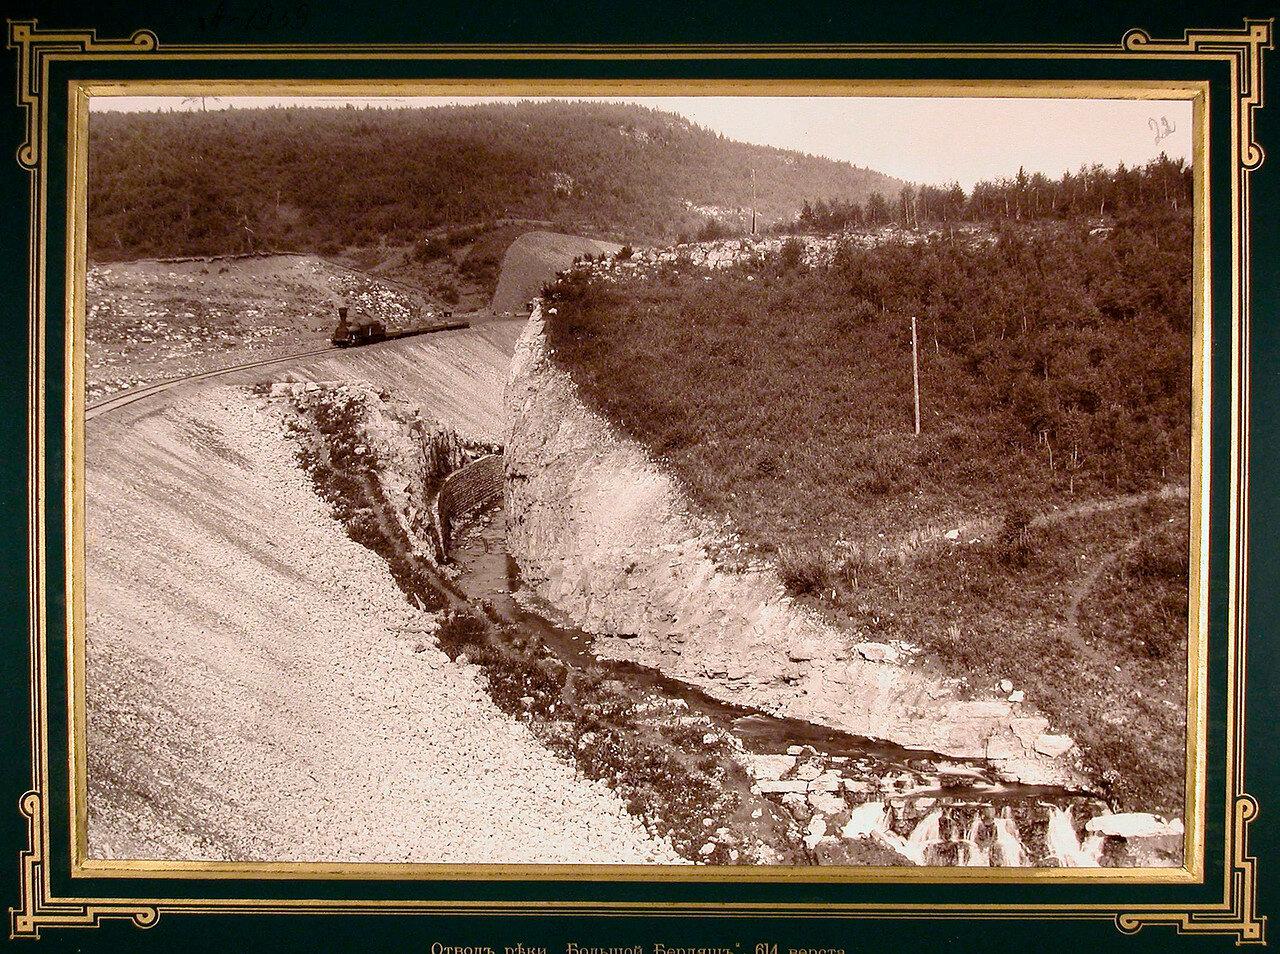 22. Отвод реки Большой Бердяш. 614-я верста, 1885-1889